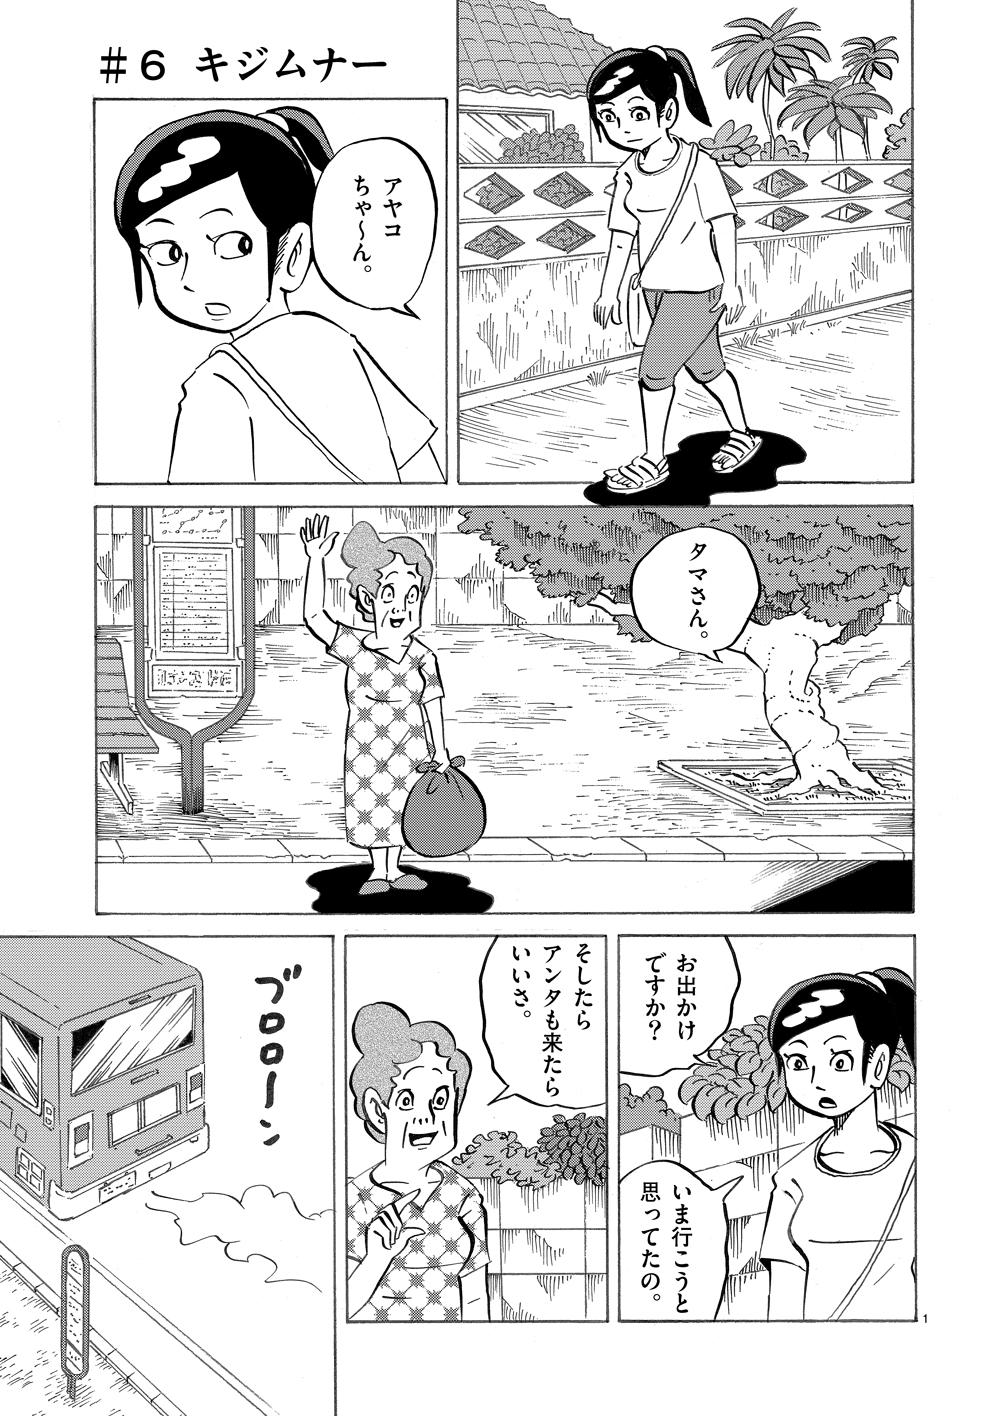 琉球怪談 【第6話】WEB掲載1ページ目画像